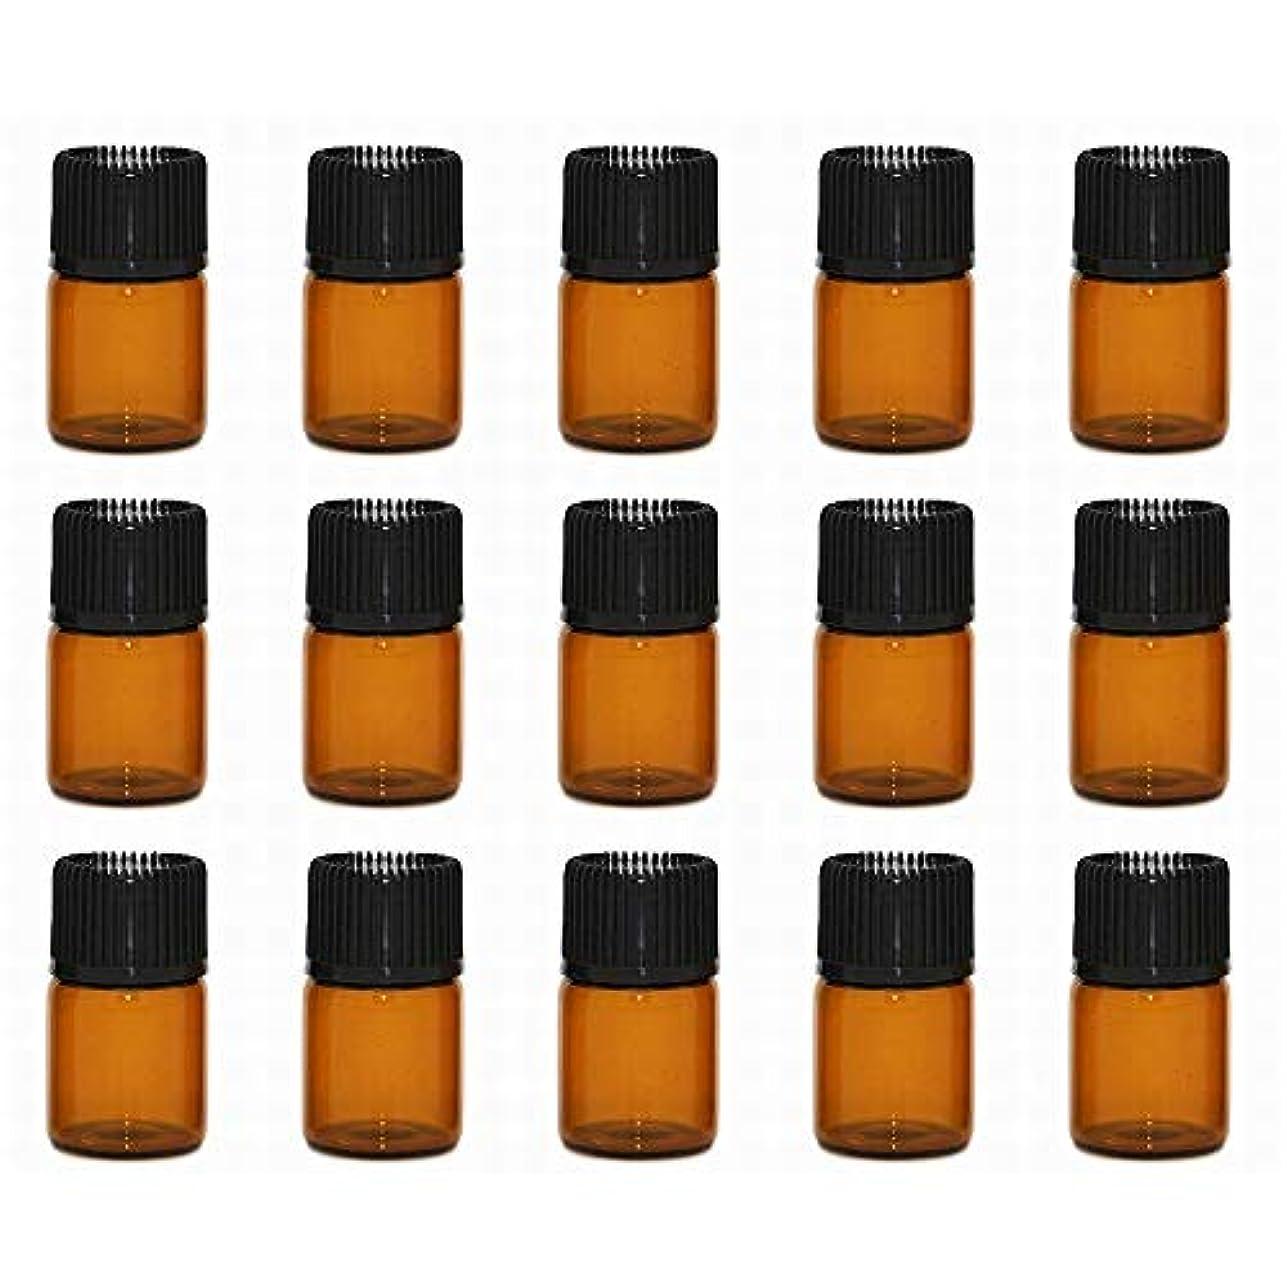 本スマッシュブリードアロマオイル 精油 小分け用 遮光瓶 セット (1ml 20本 セット)